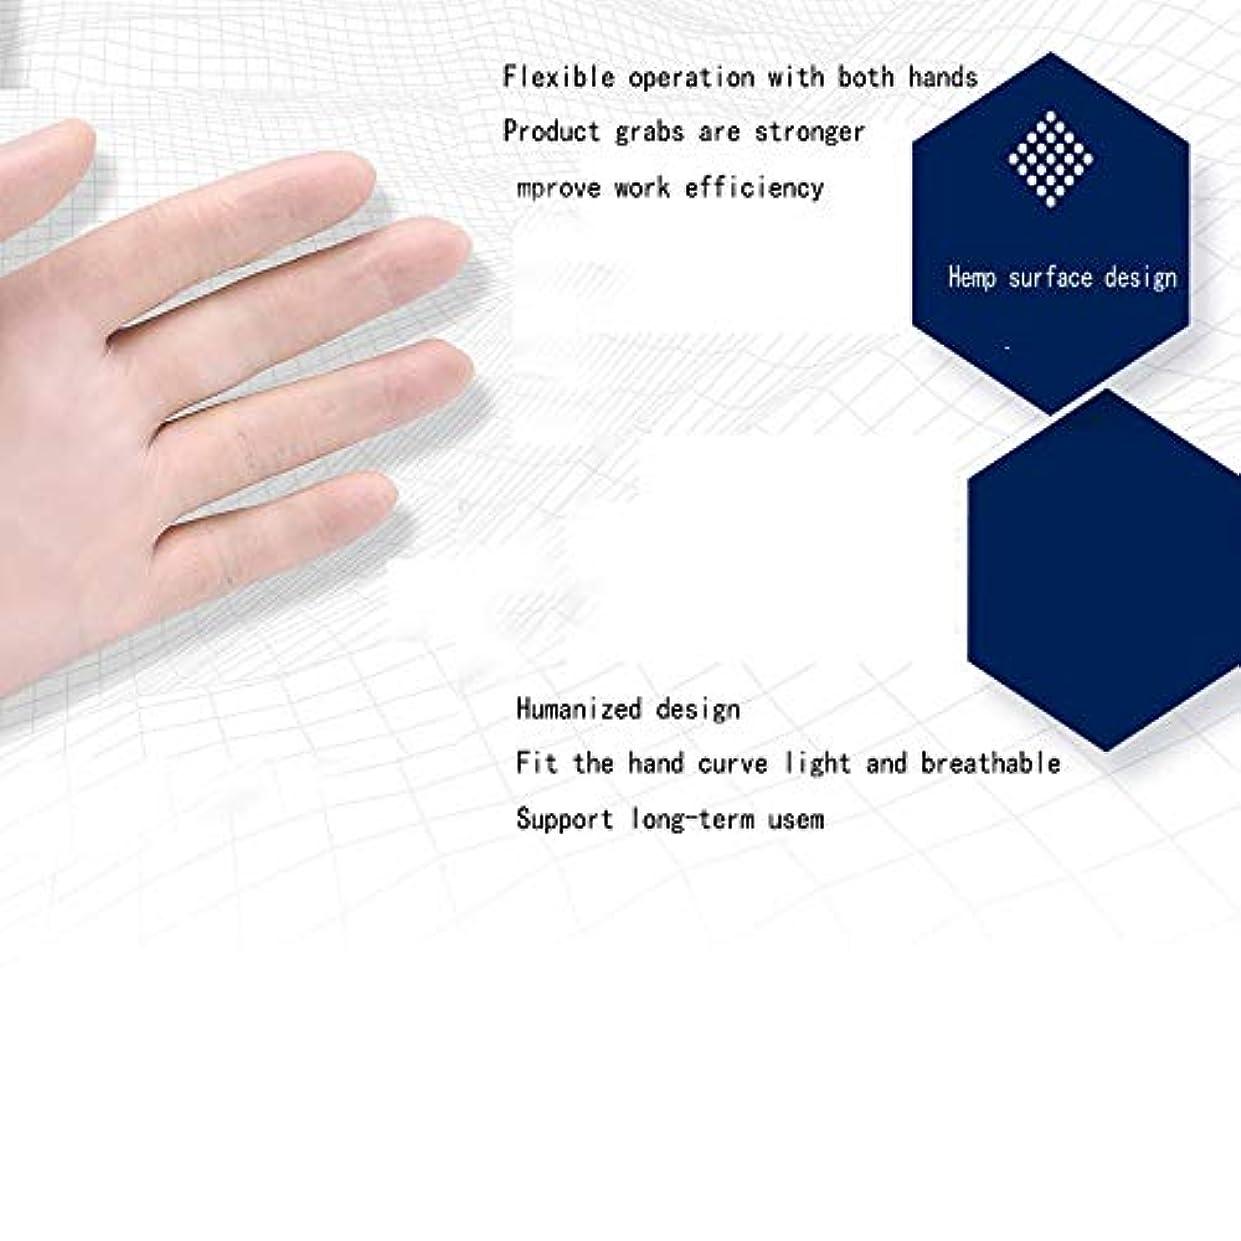 ヒューム冷蔵するぬれたSafeguard Nitri Disposable Gloves、パウダーフリー、食品用グローブ、ラテックスフリー、100 Pcサニタリーグローブ (サイズ さいず : S s)